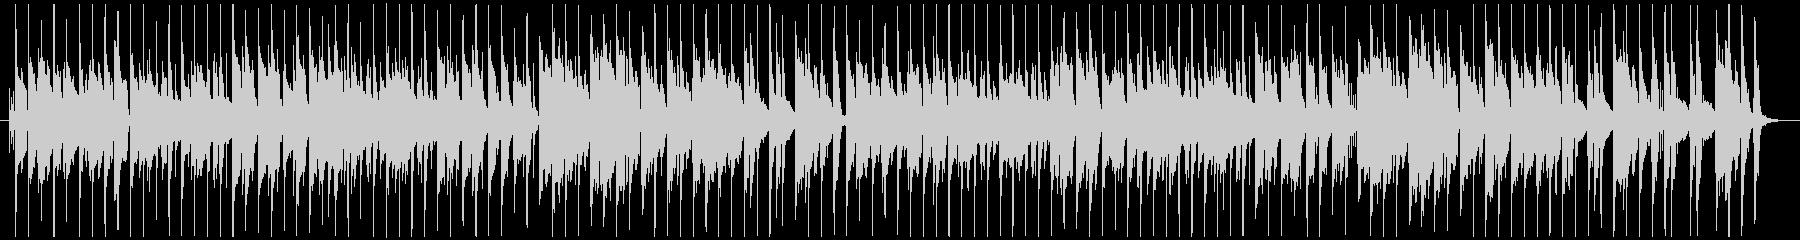 カリブのわんぱく少年 カリプソ・サンバ の未再生の波形